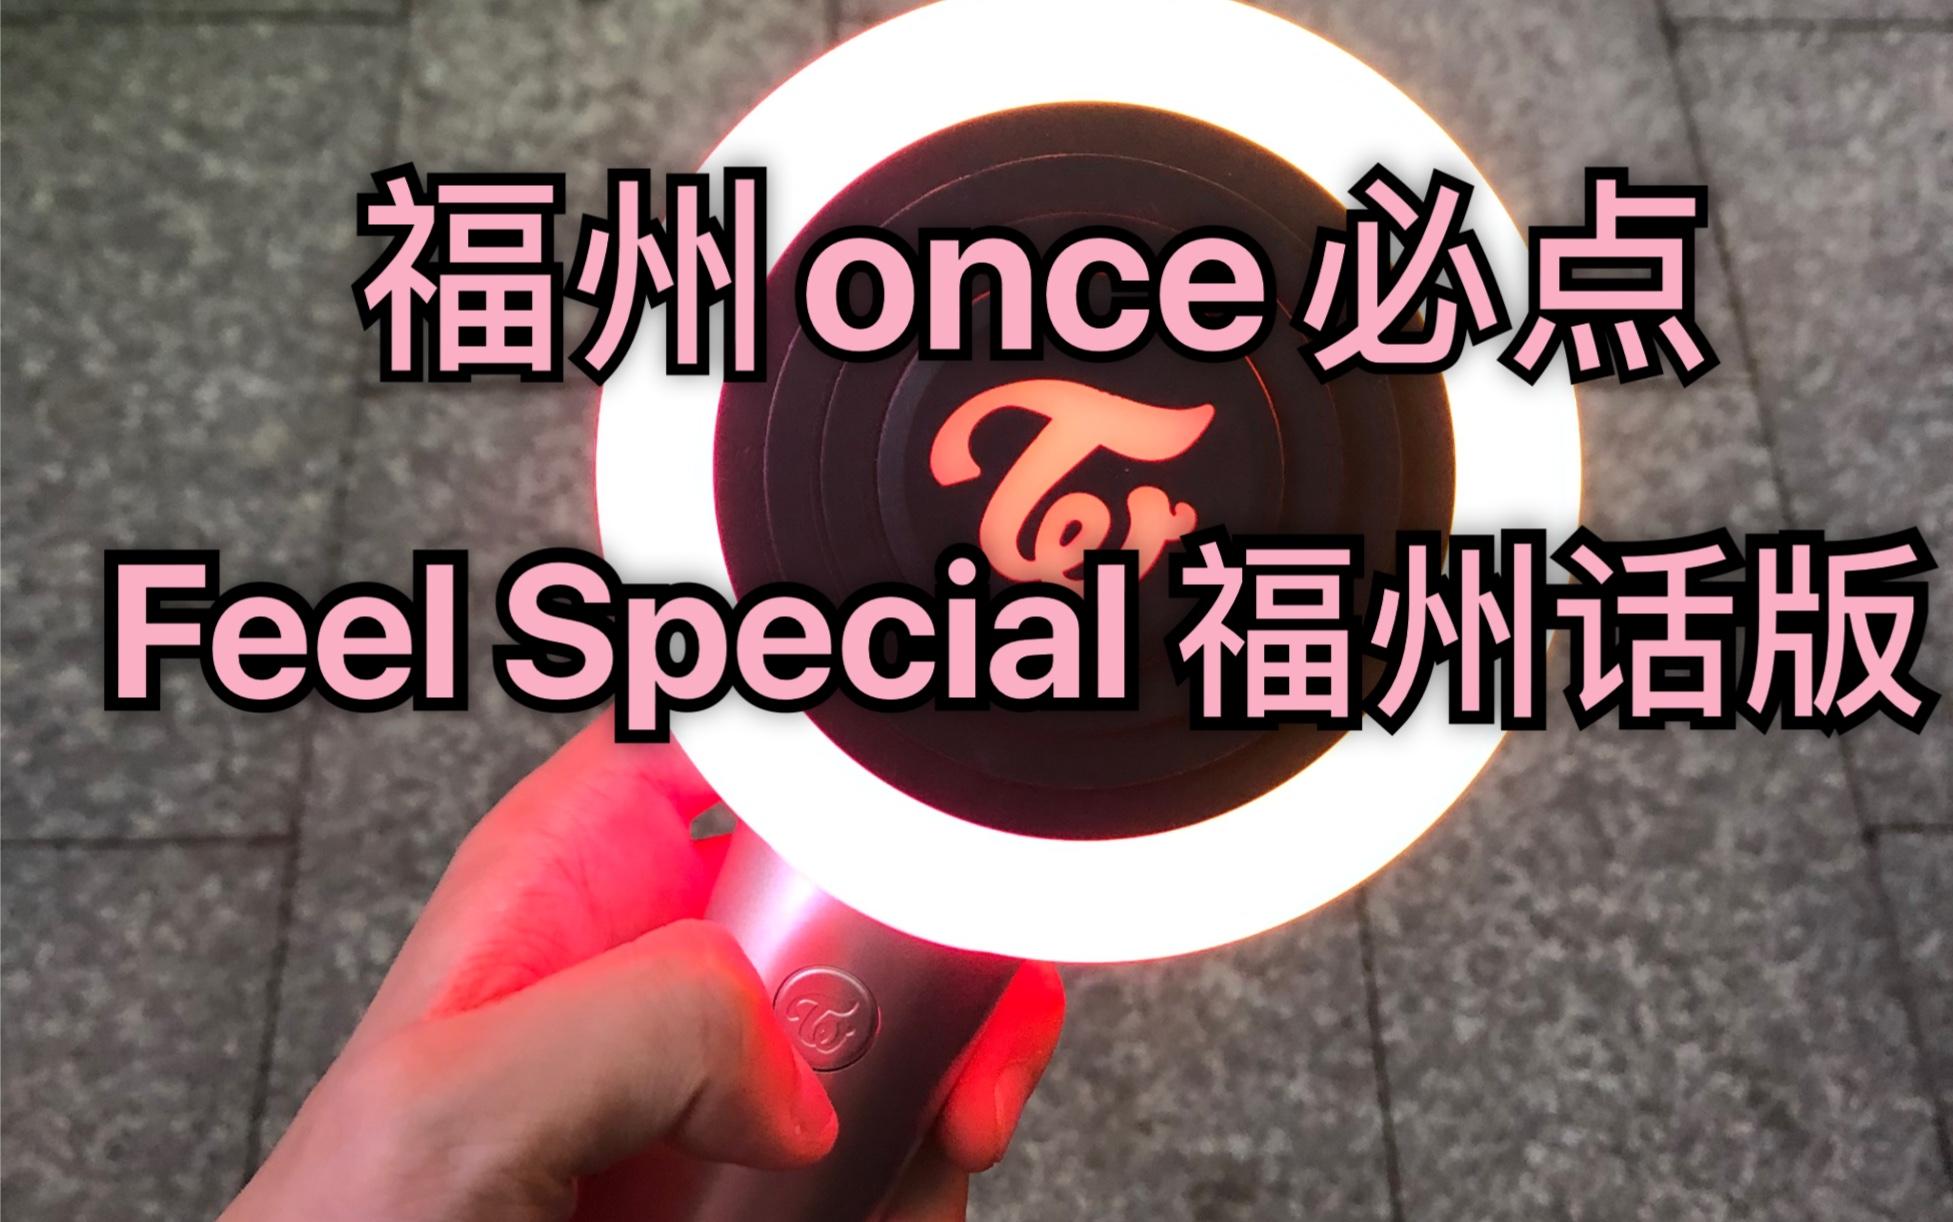 【福州话唱Feel Special】只有福州once才能听得懂的版本,你敢挑战一下吗?(福州人民在哪里呀!)